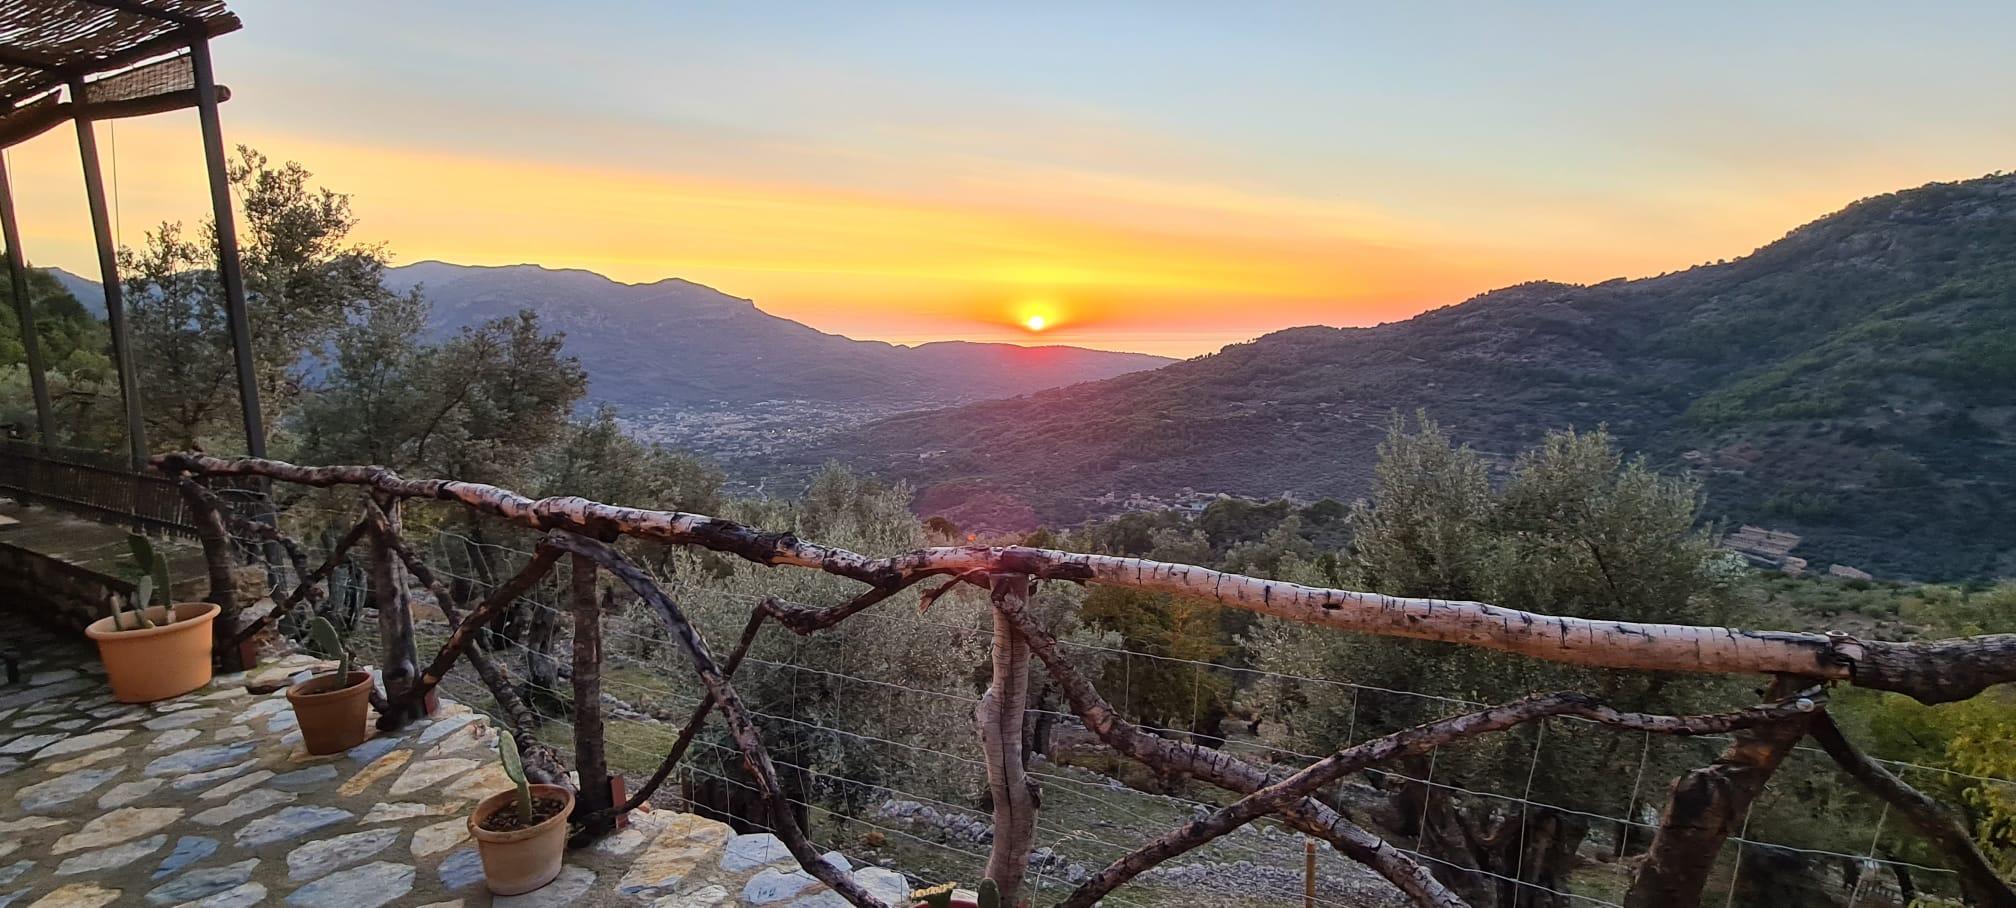 Finca rustica con inmejorables vistas Del Valle de Soller